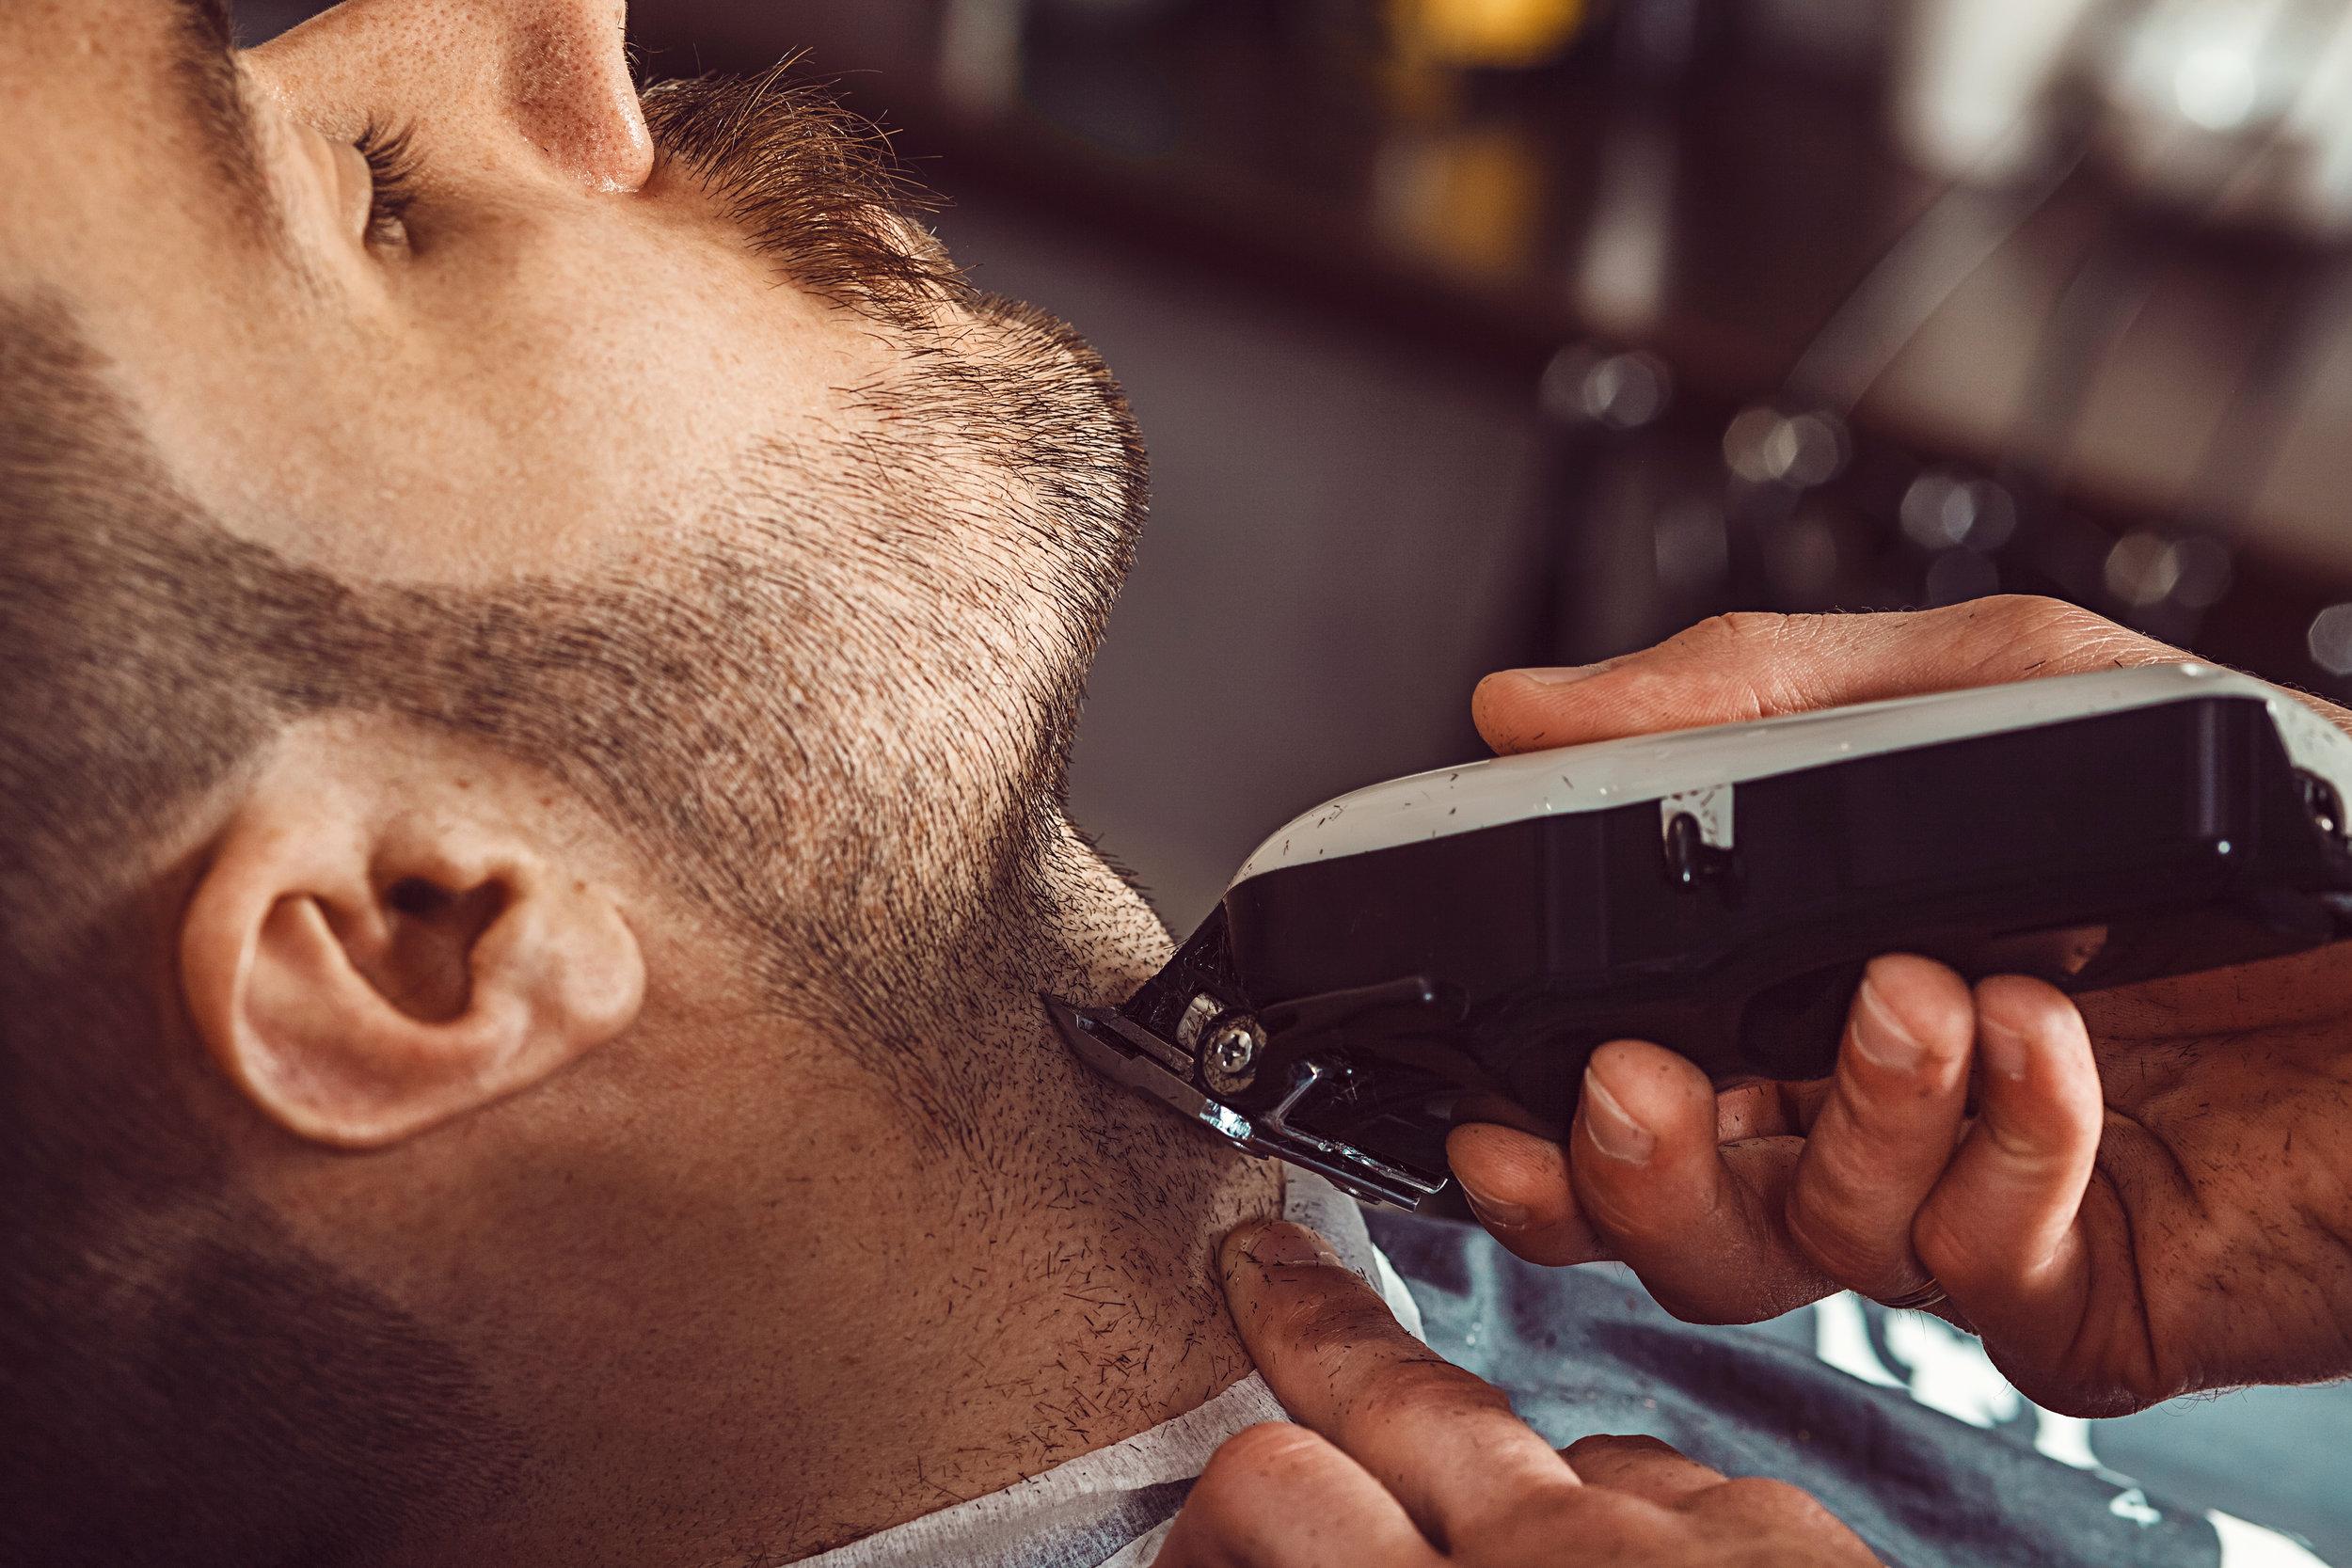 hipster-client-visiting-barber-shop-PMN33U9.JPG